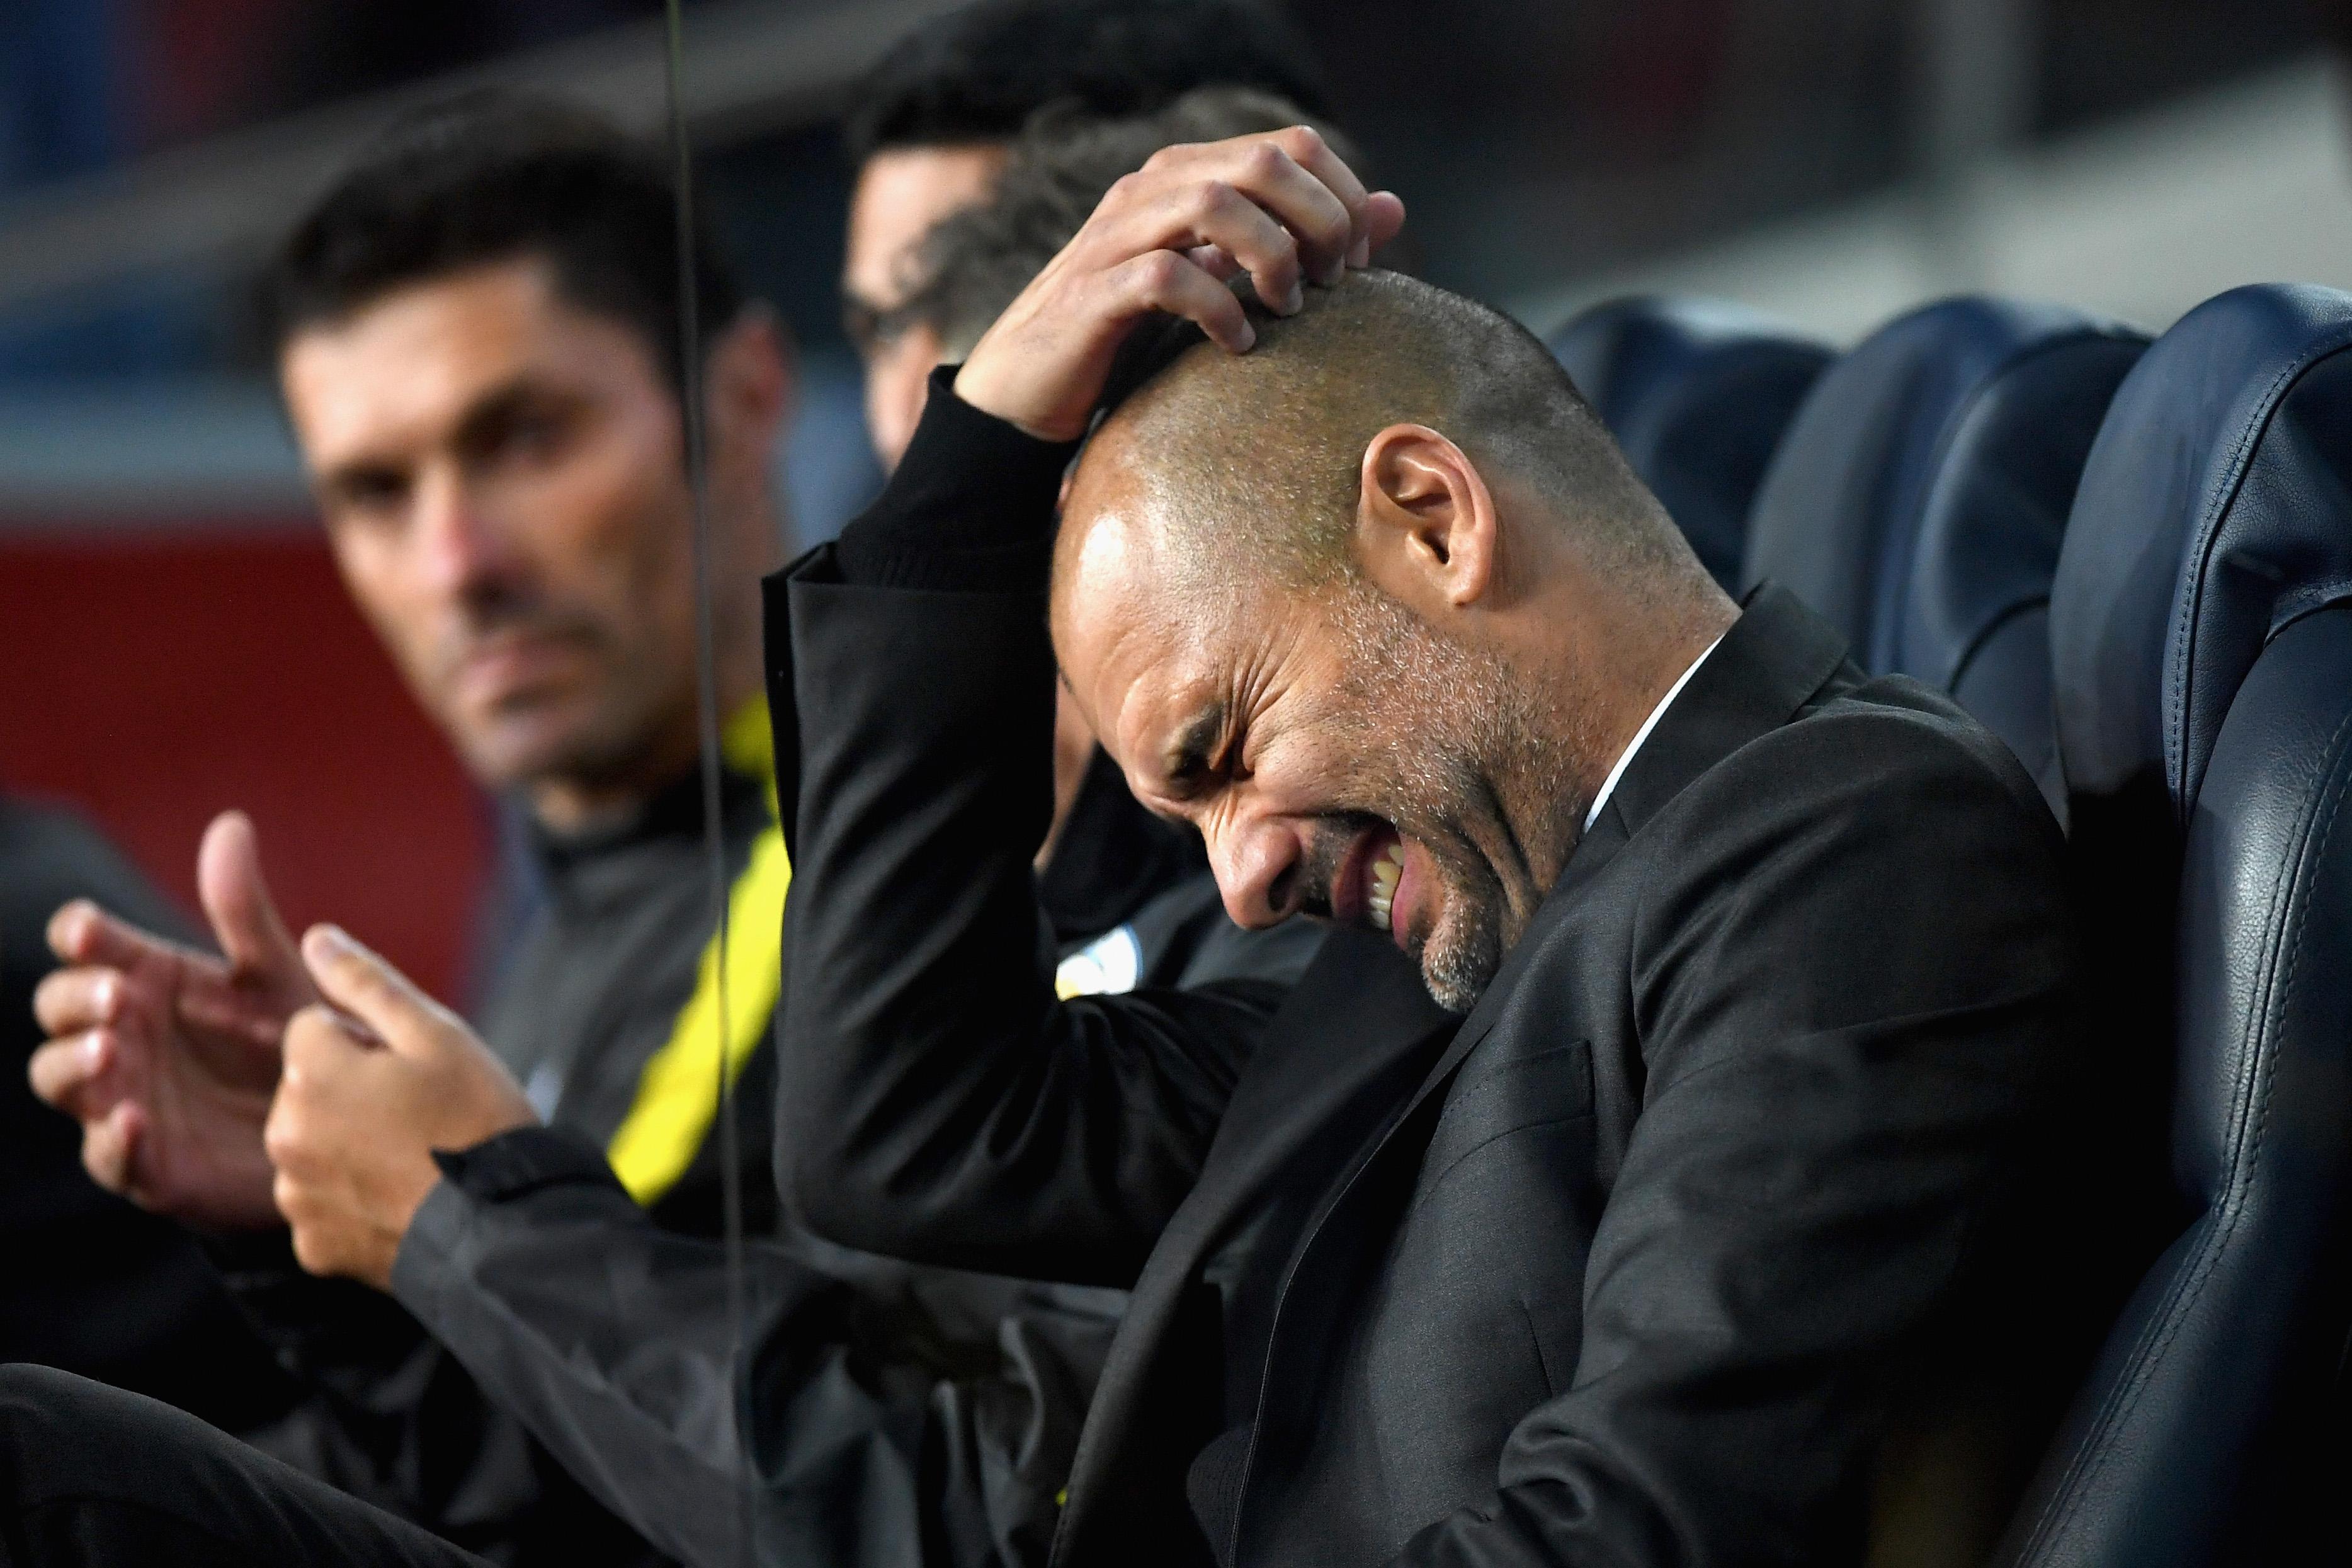 Champions League Barcelona V Manchester City Arsenal Ludogorets Razgrad Celtic Borussia Monchengladbach